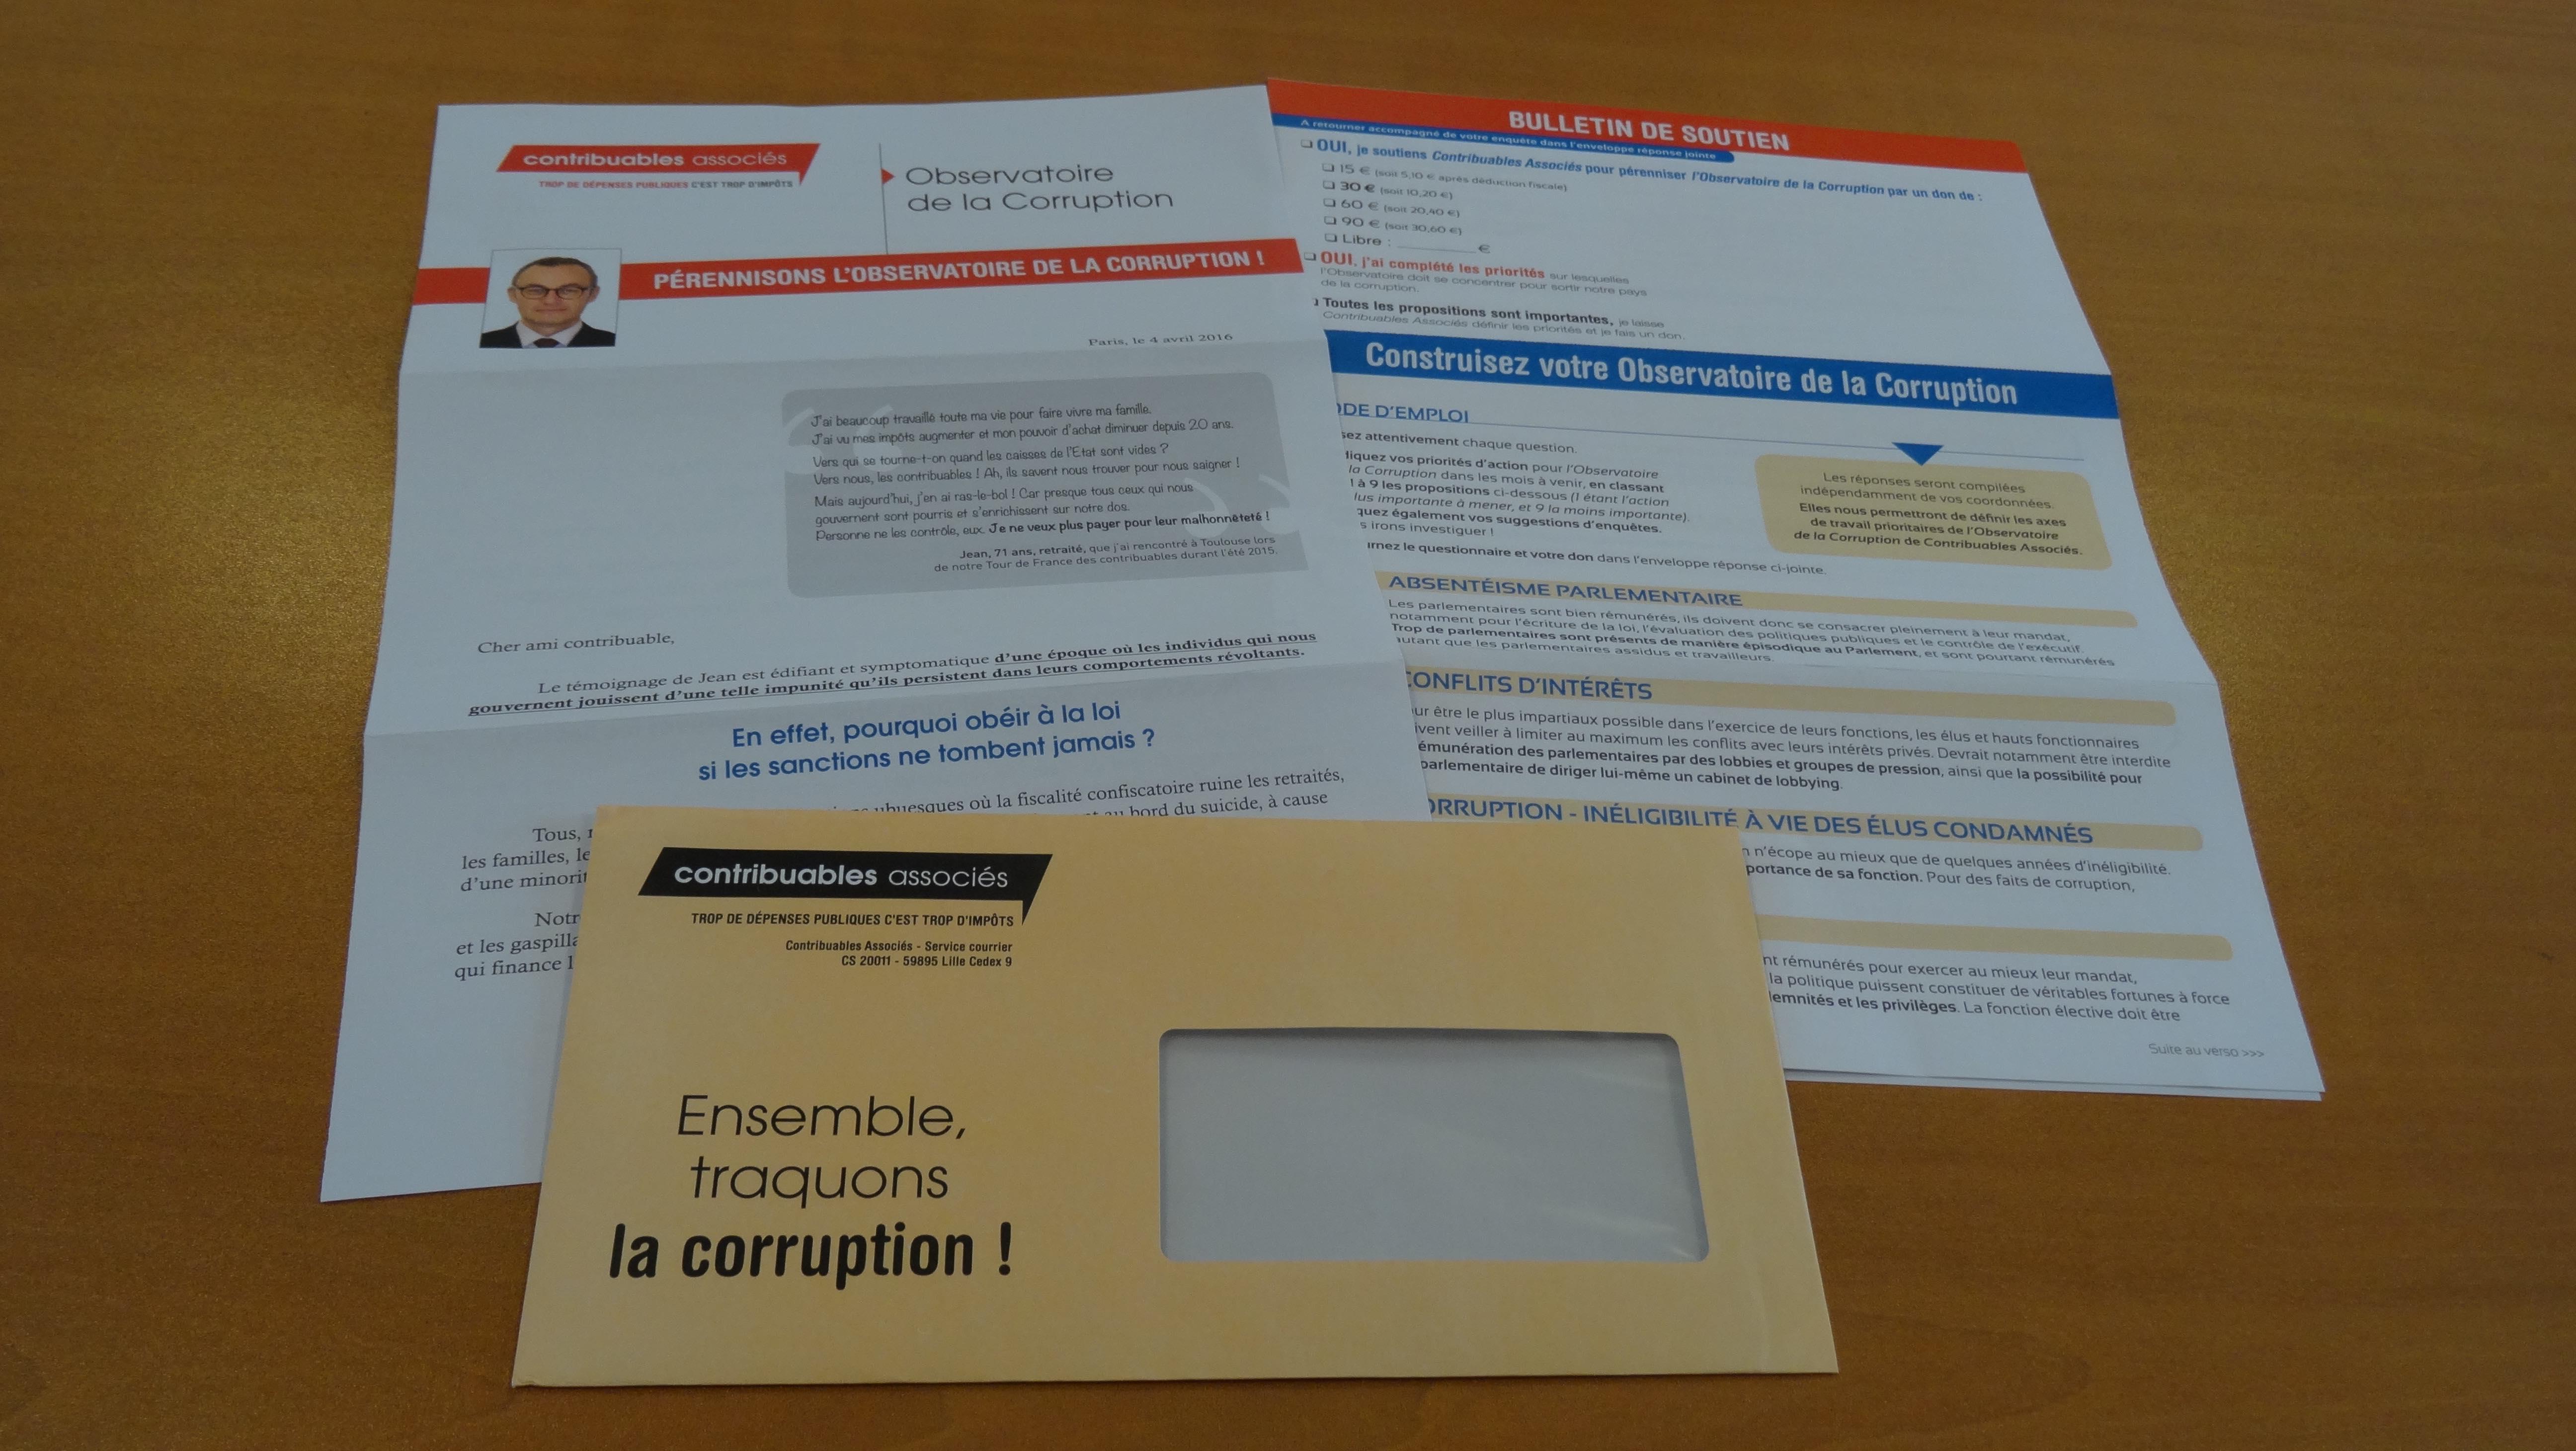 [À Venir] : Enquête Sur Les Thèmes Prioritaires De L'Observatoire De La Corruption